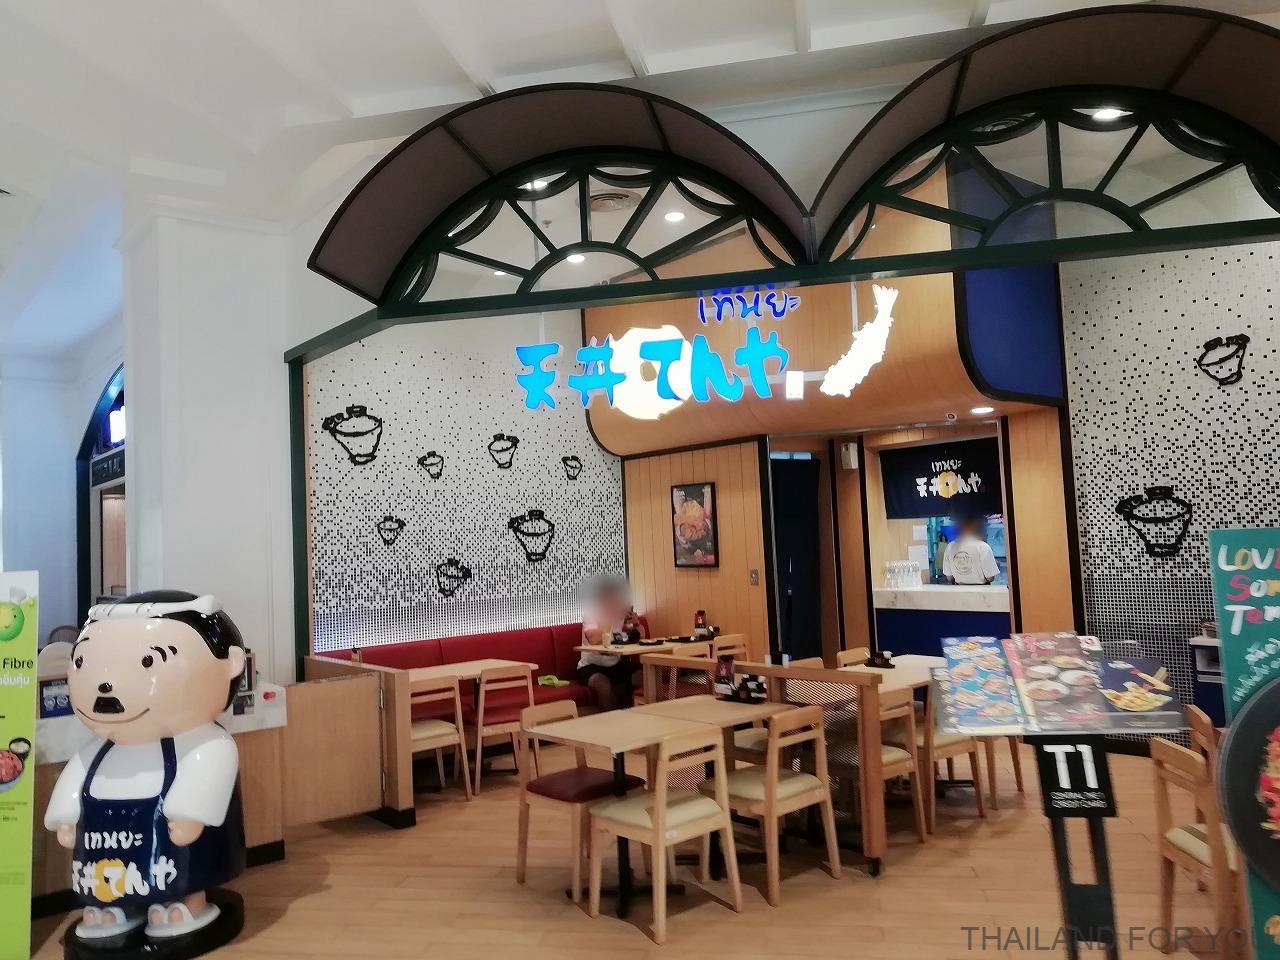 ザ・マーケット・バンコク 天丼てんや the market bangkok 写真